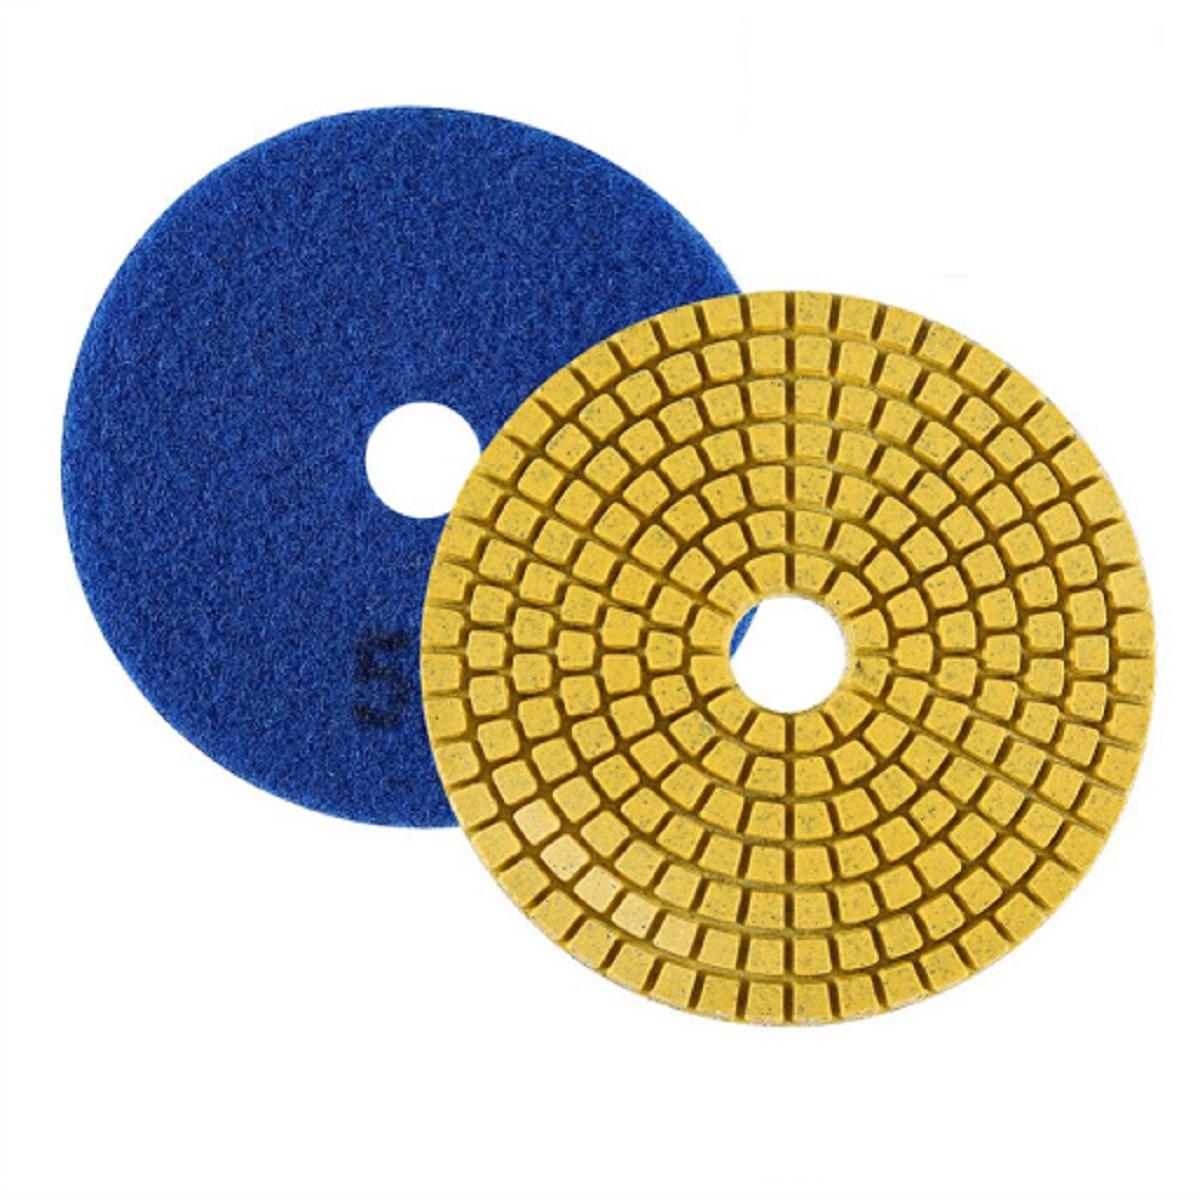 پولیش سنگ سیتکو مدل D50100مجموعه 2 عددی